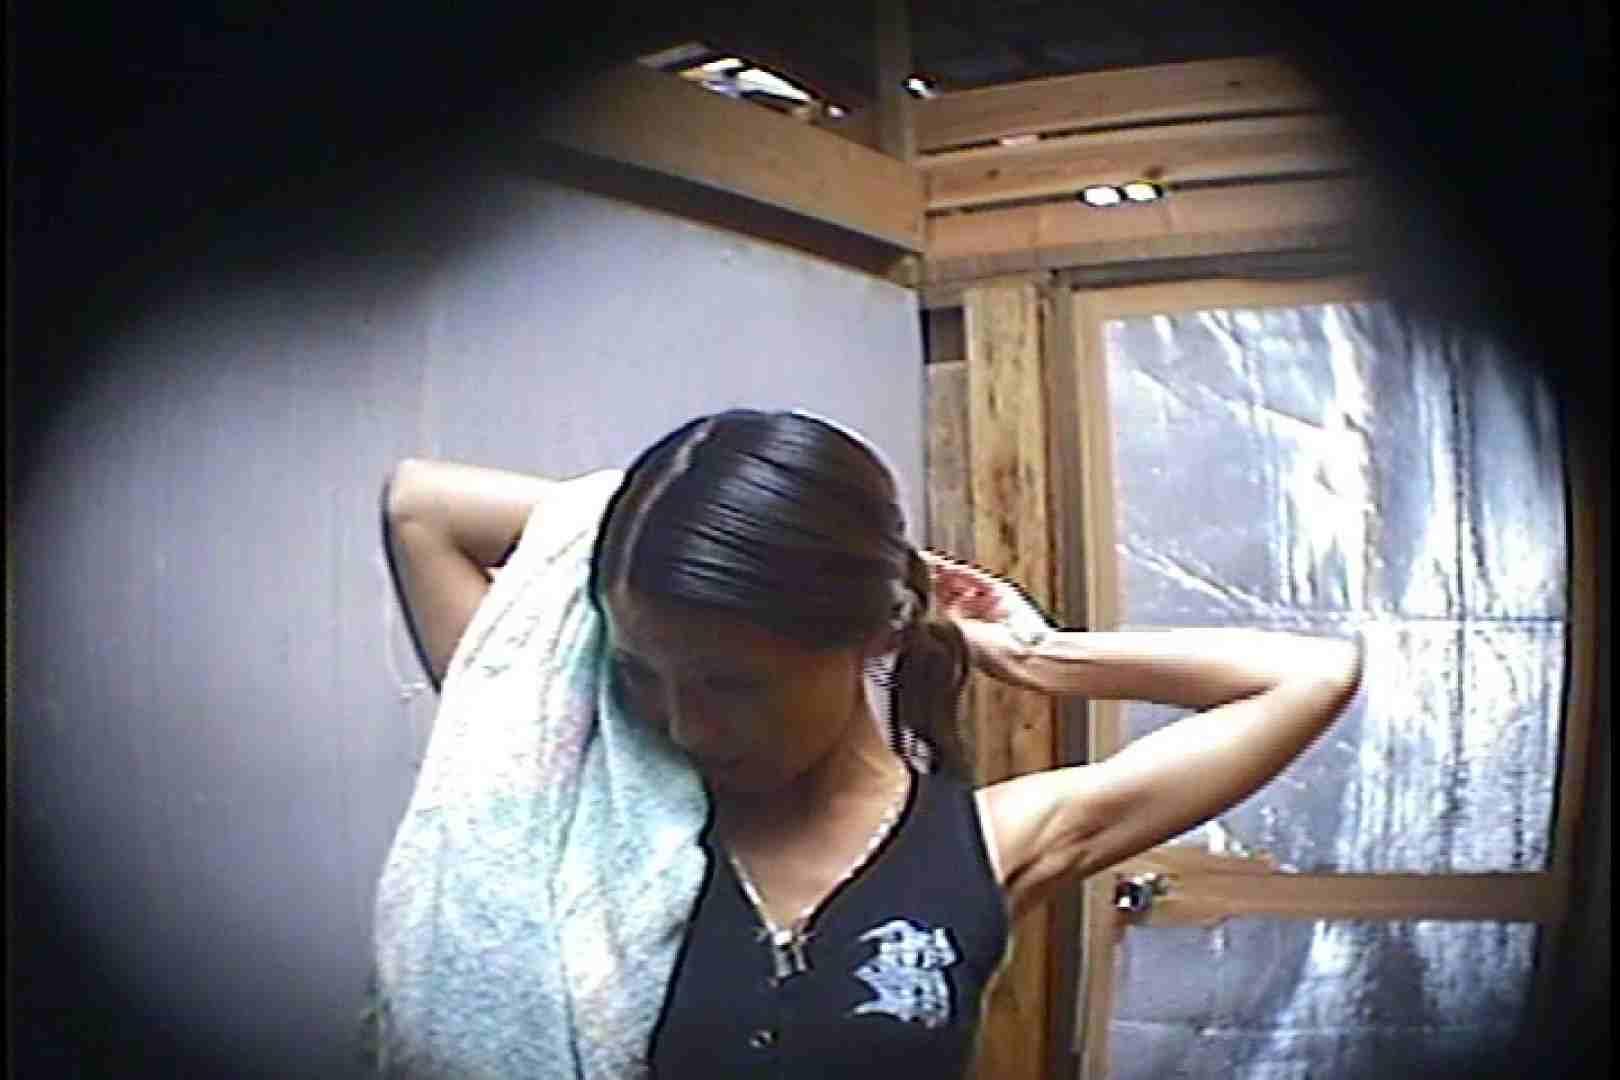 海の家の更衣室 Vol.45 シャワー中 | 美女達のヌード  64連発 14